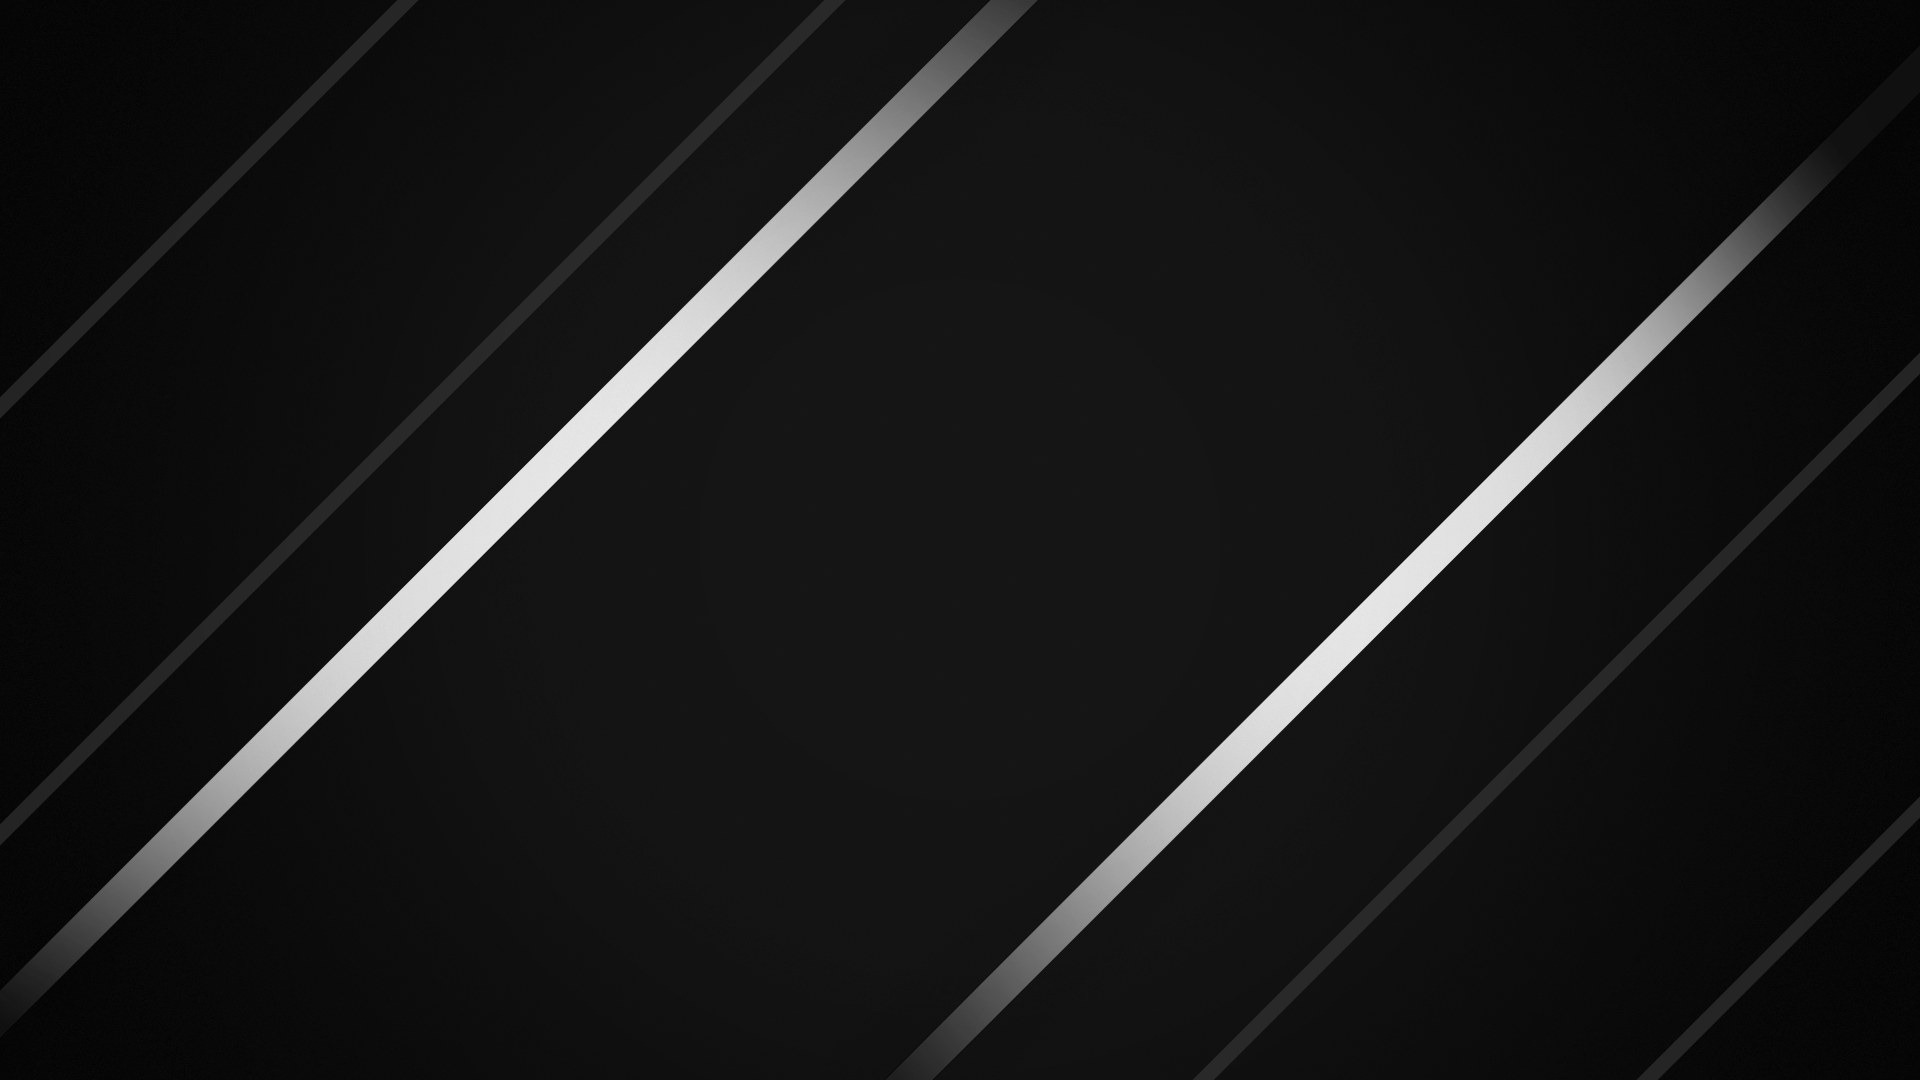 evilbagel87 / Streamlabs